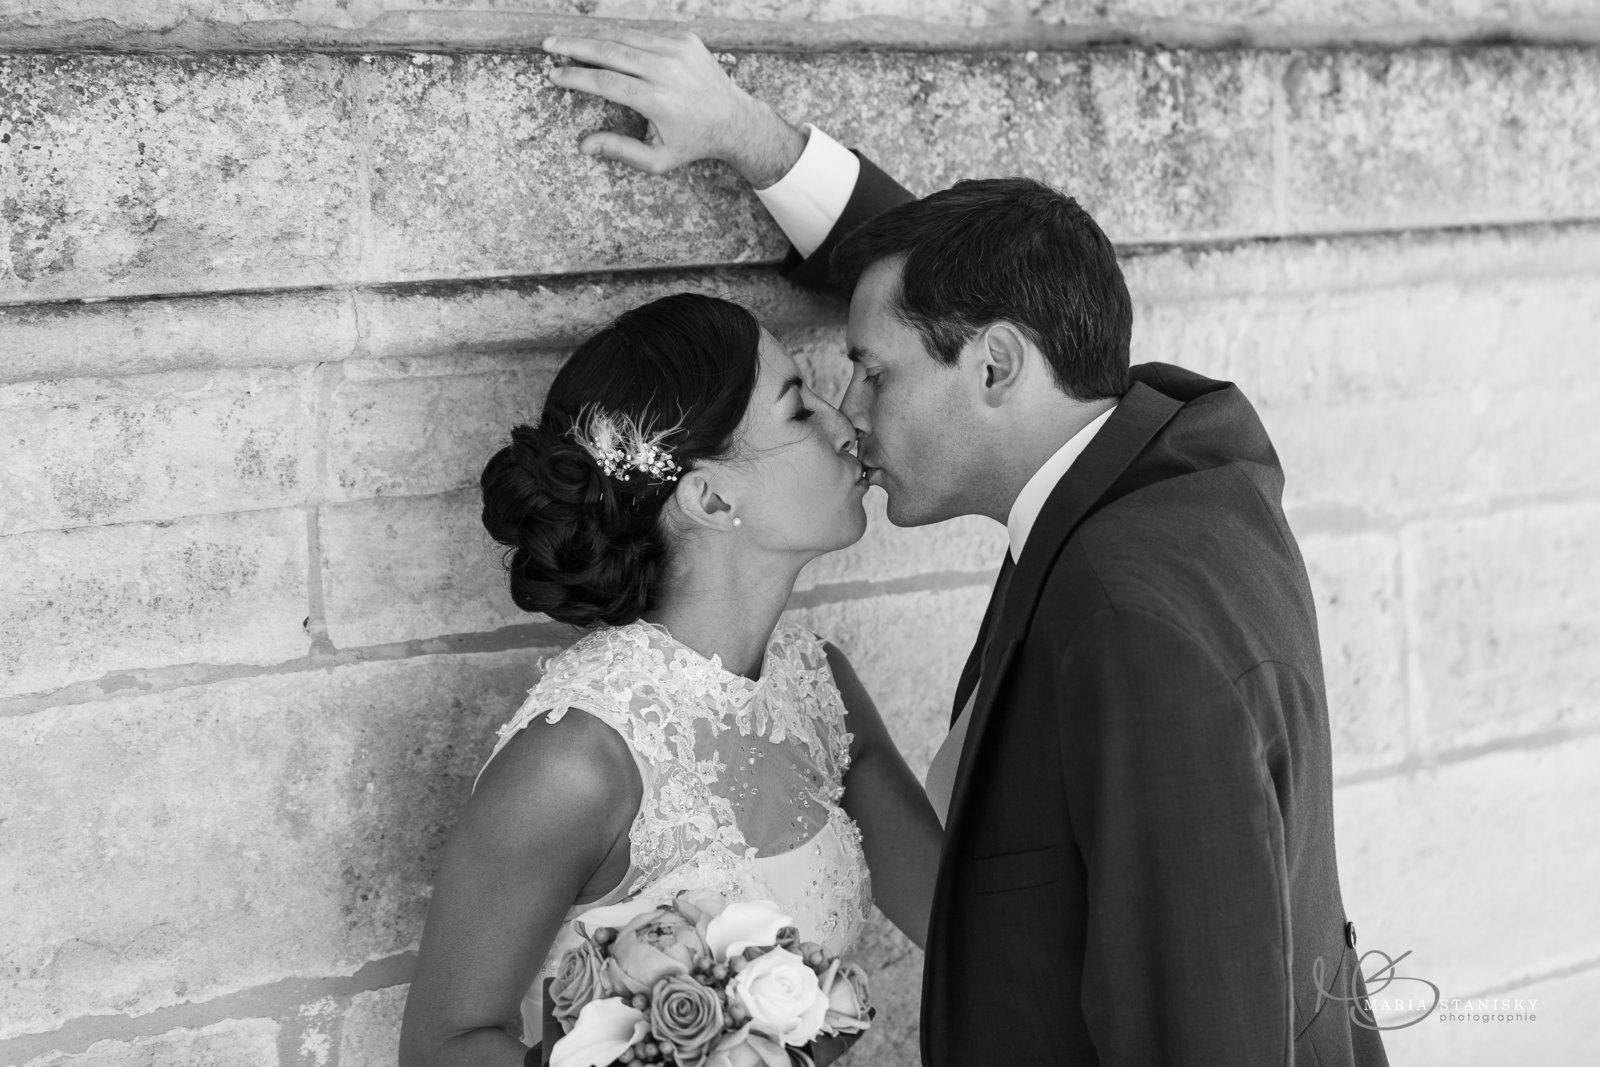 Mariage-Nathalie-&-Vincent210614070